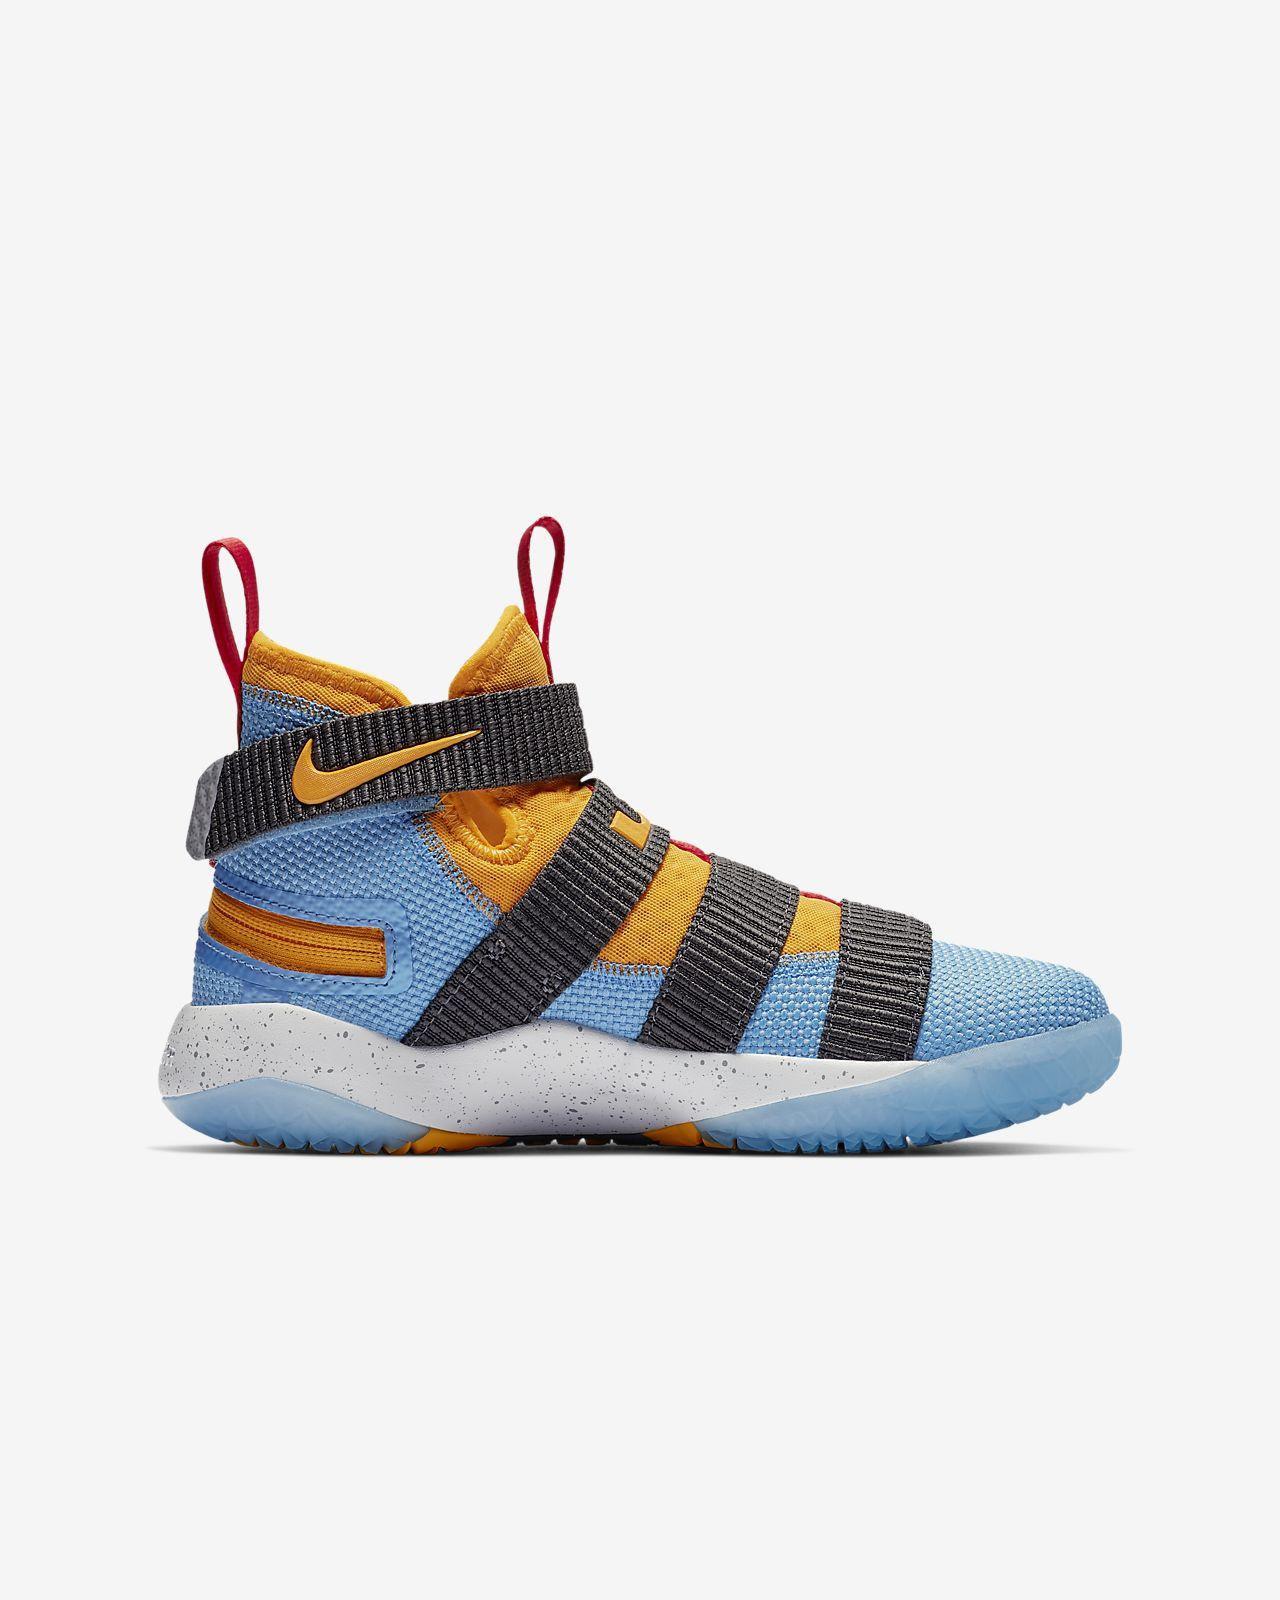 509ff4a17d777 LeBron Soldier 11 FlyEase Older Kids  Basketball Shoe. Nike.com NL